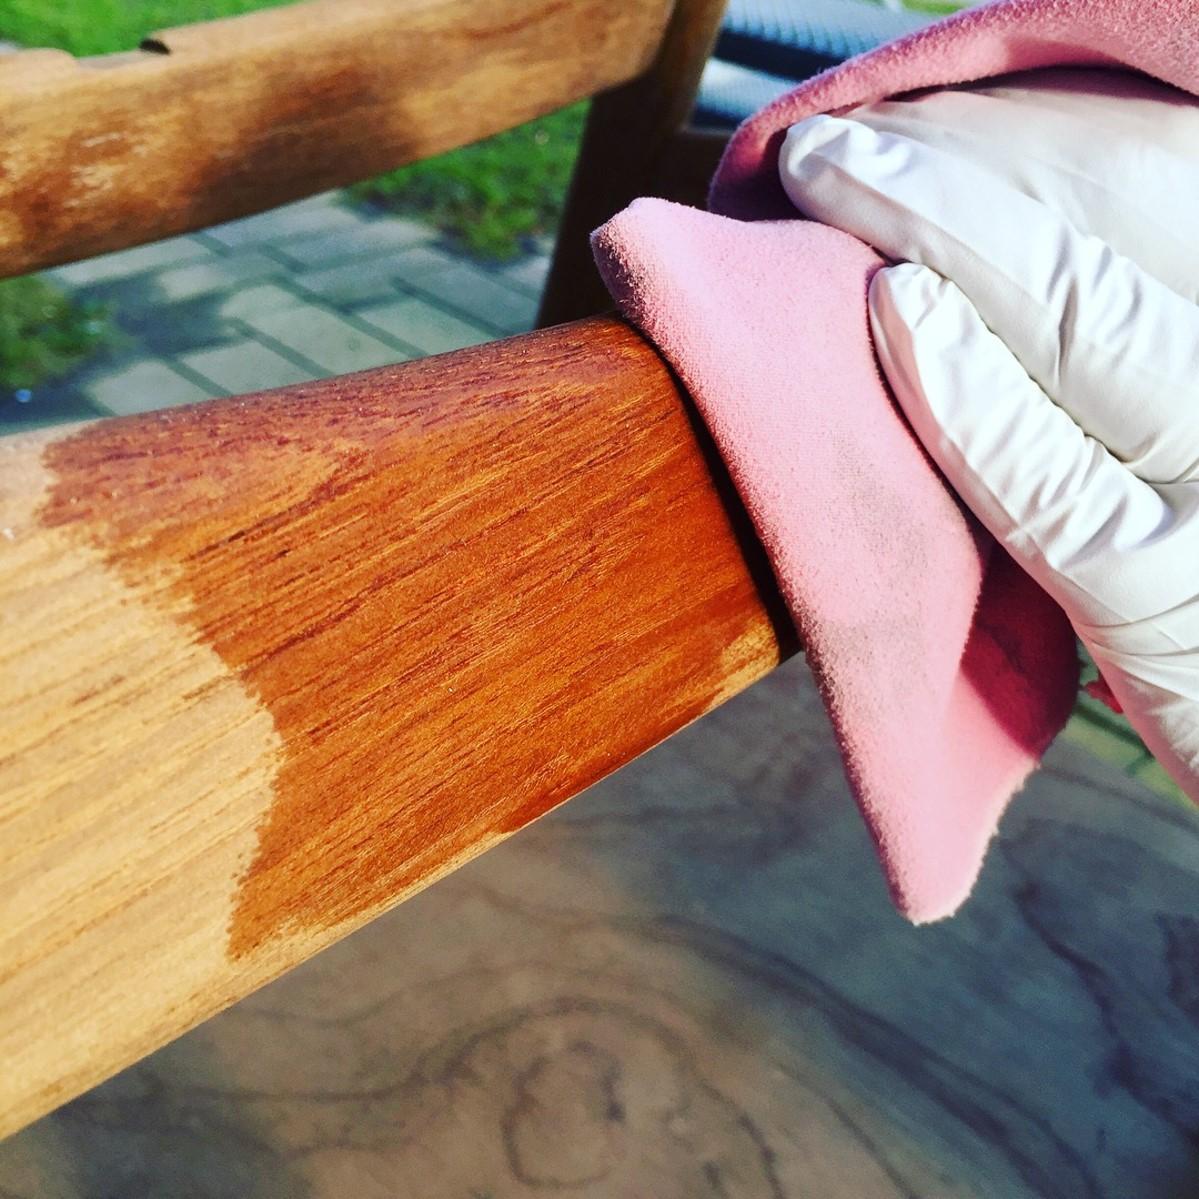 Brug en blød og fnugfri klud - gerne med handsker, til at oliere. Husk at lad olien blive suget ind i træet, hvilket tager cirka 15 - 20 minutter.